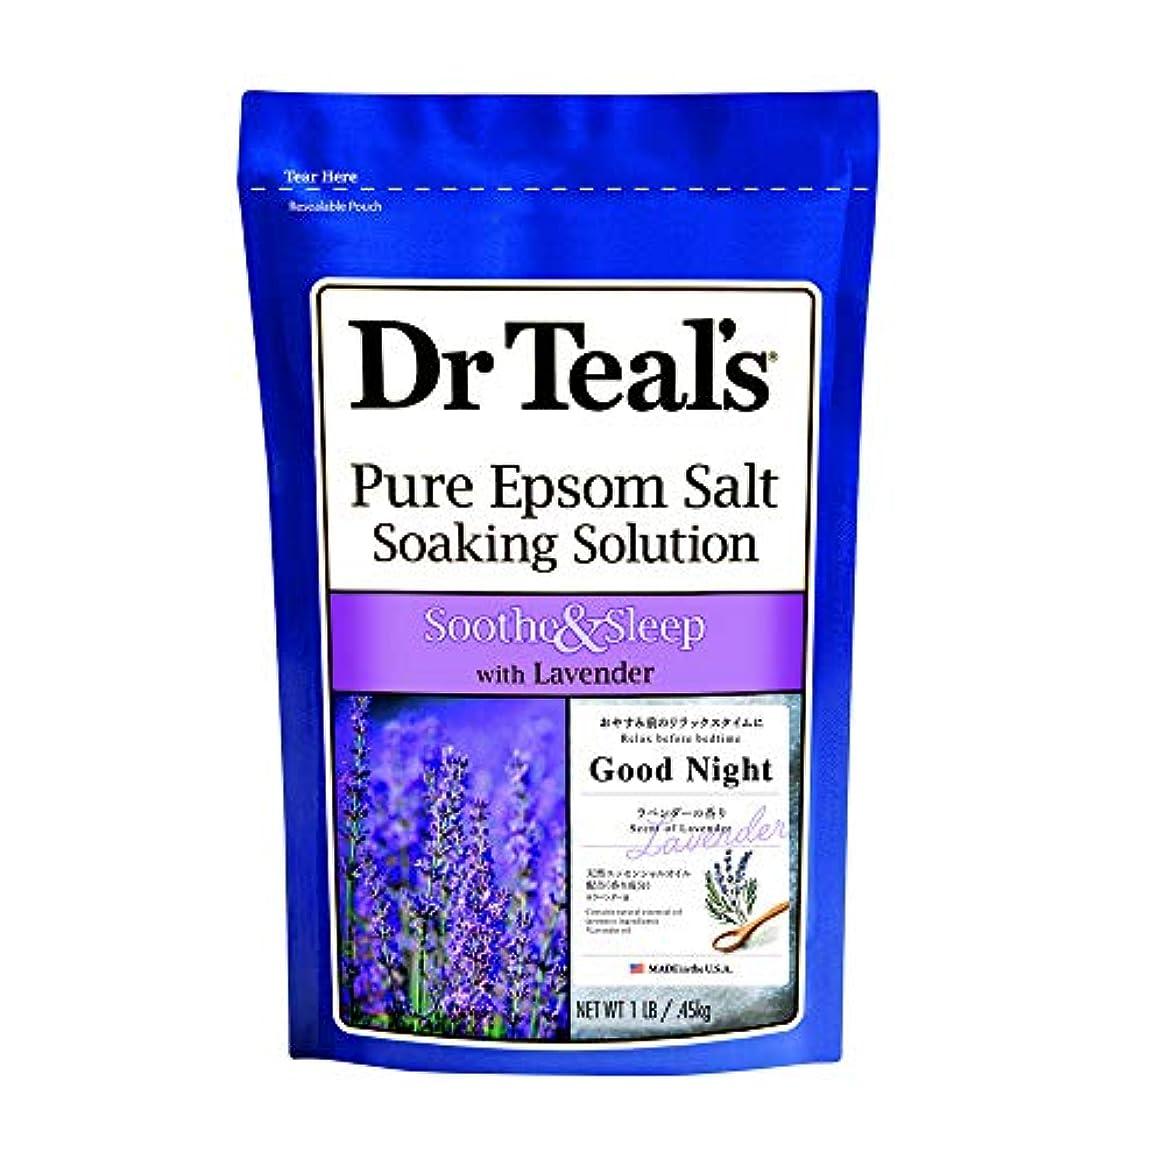 なめるオール罰Dr Teal's(ティールズ) フレグランスエプソムソルト ラベンダー 入浴剤 453g